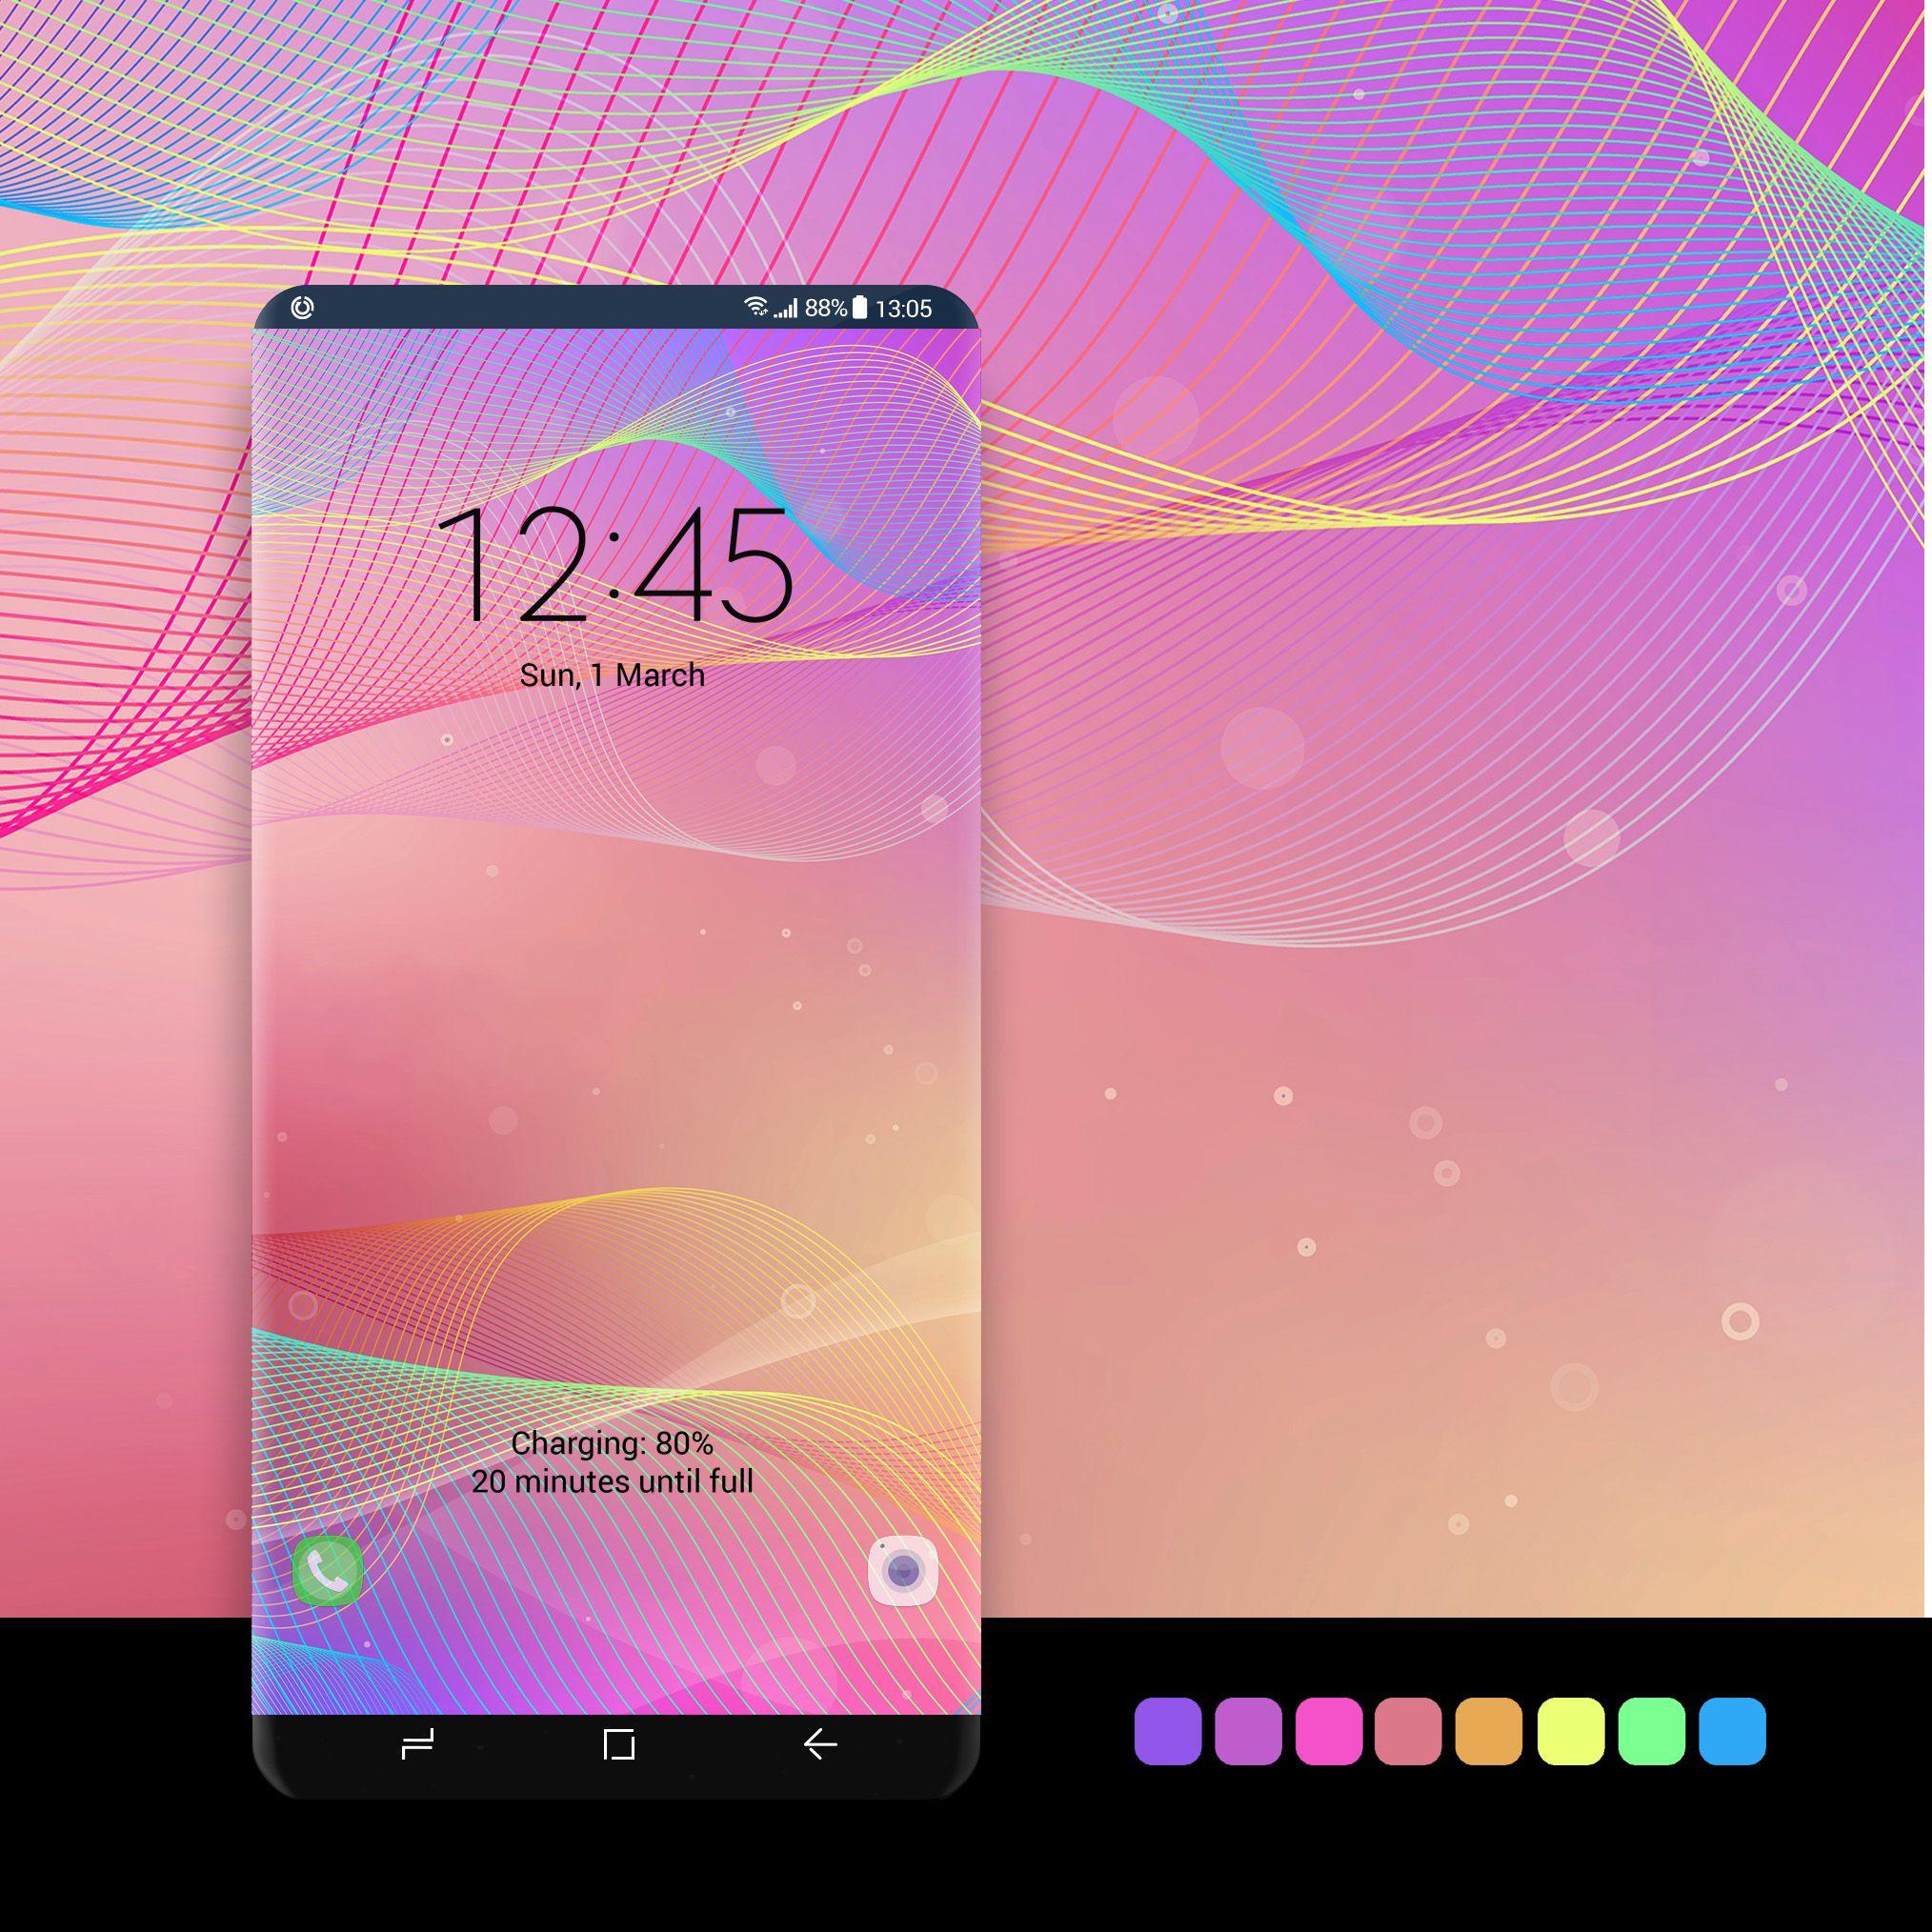 Rainbow Pastel wallpaper zerustudio#wallpaper, #android